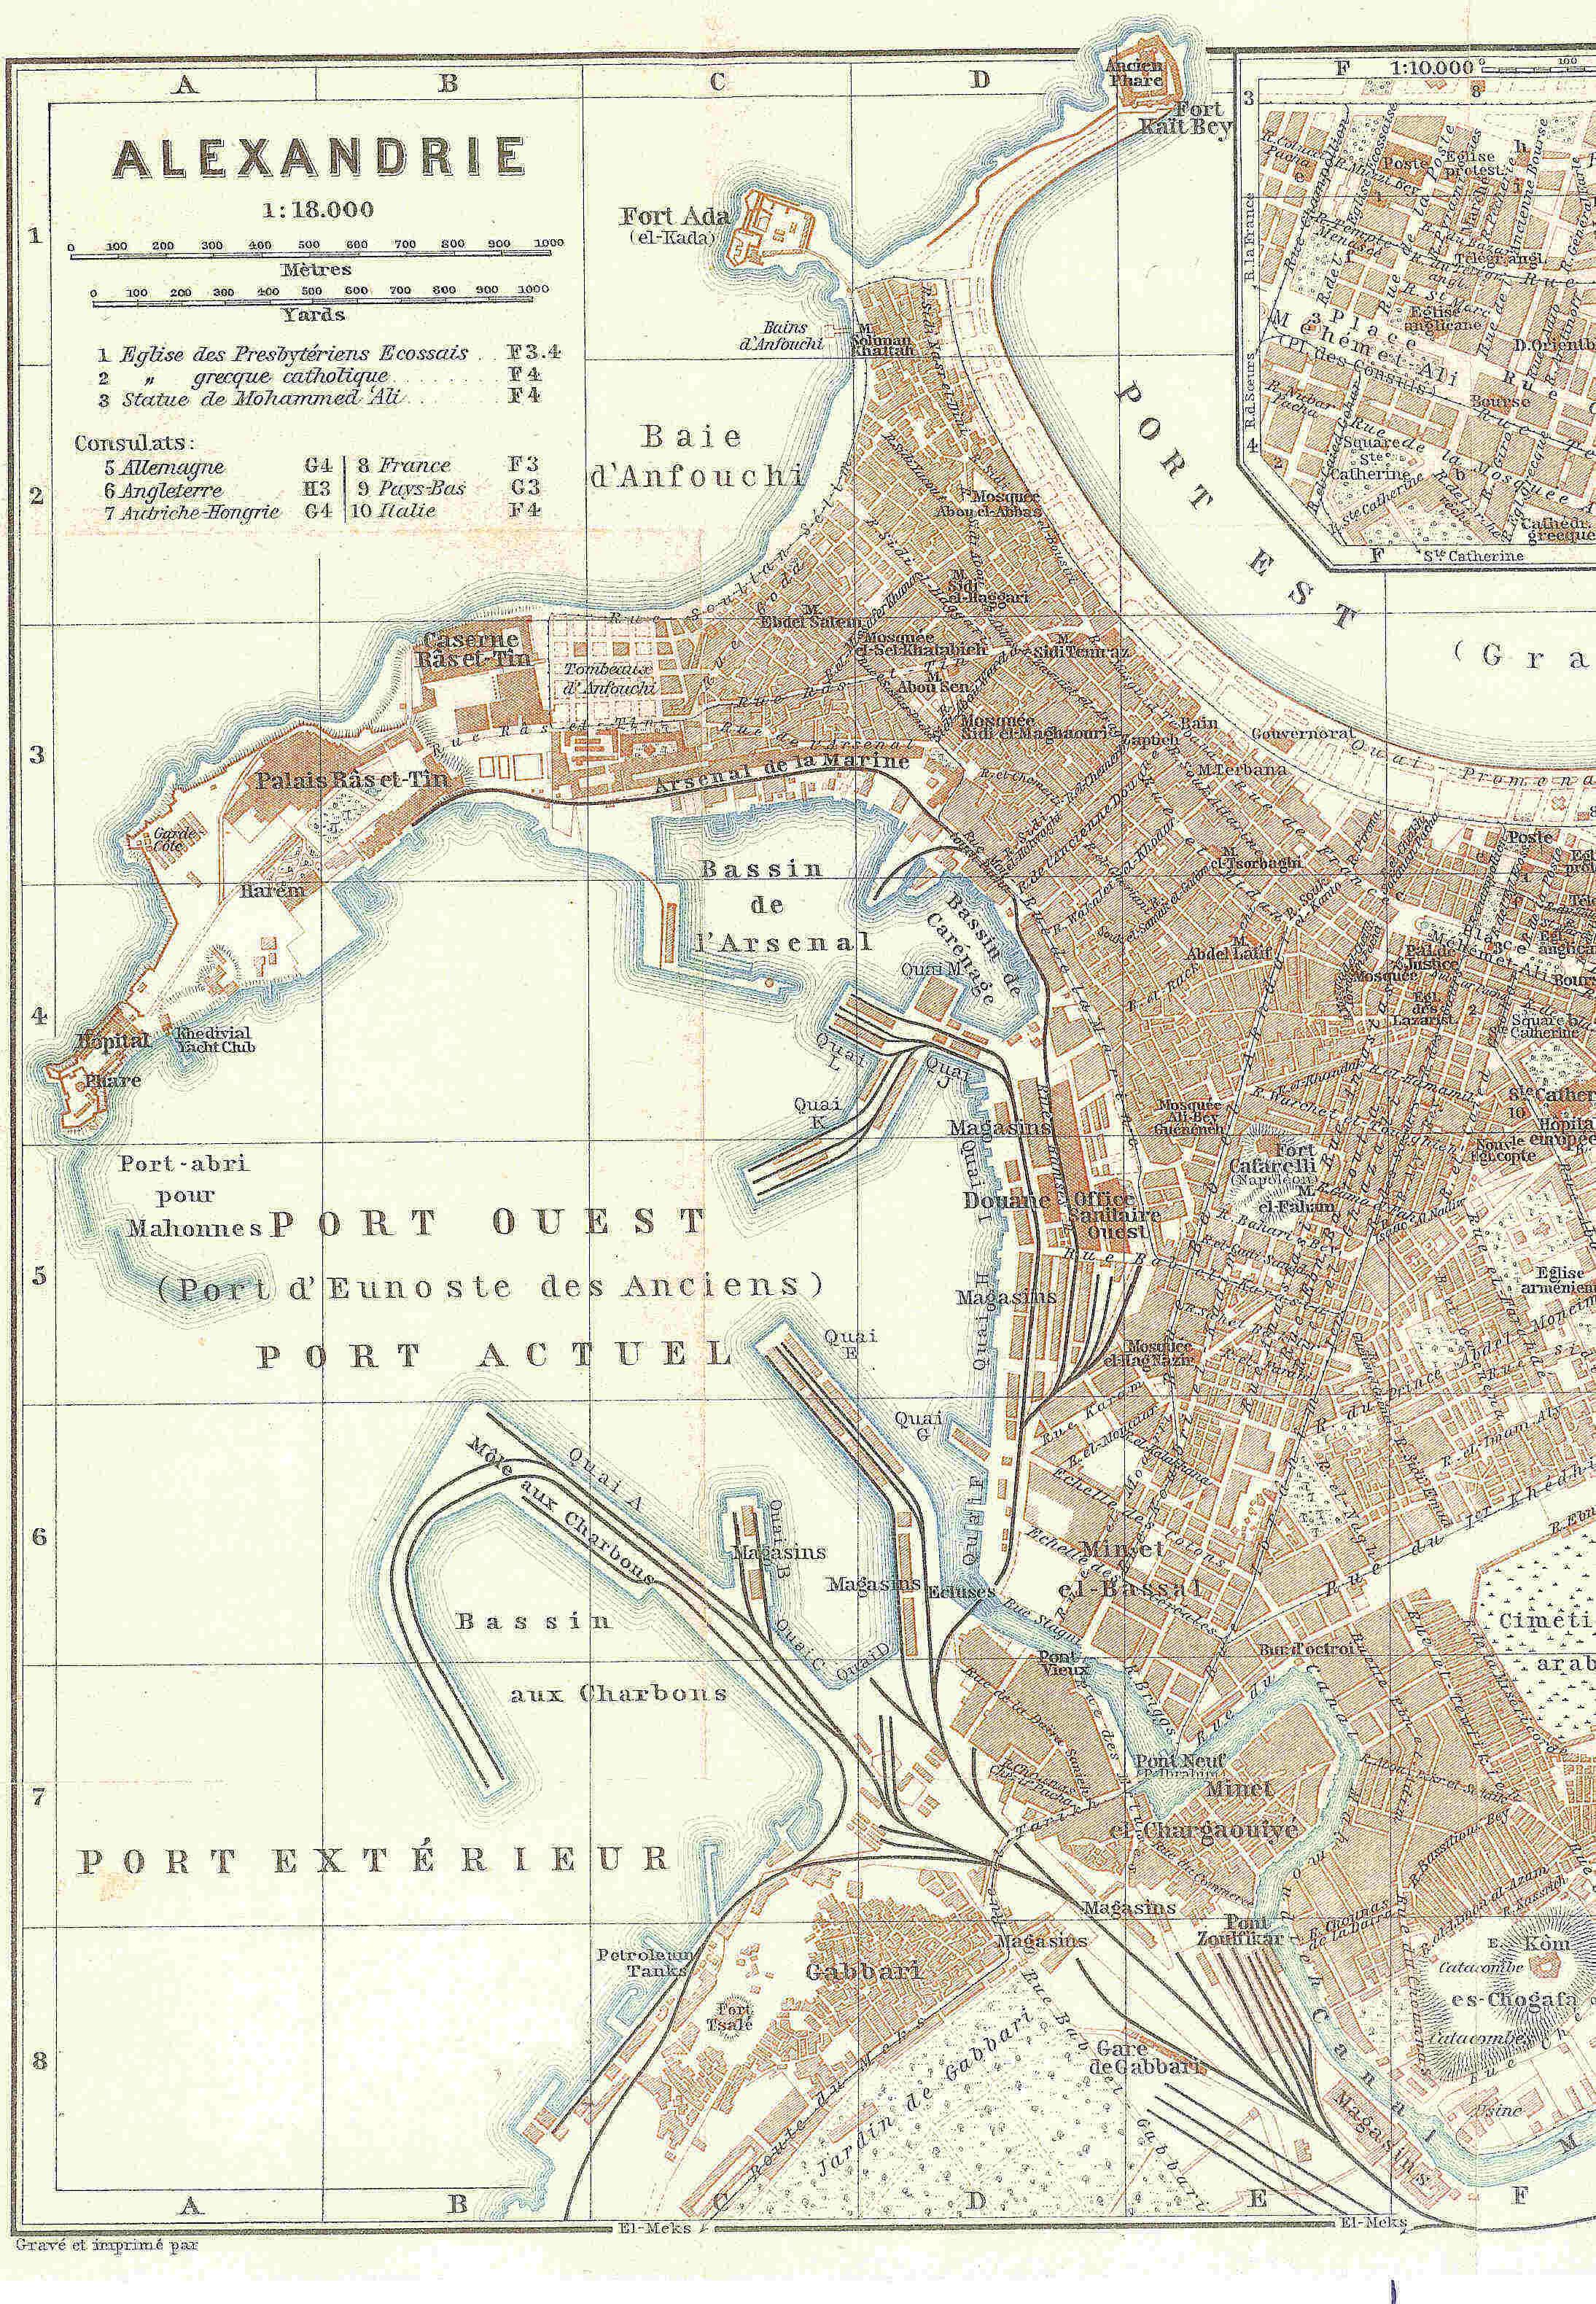 Plan de la ville d'Alexandrie (Baedeker's guide book, 1913)